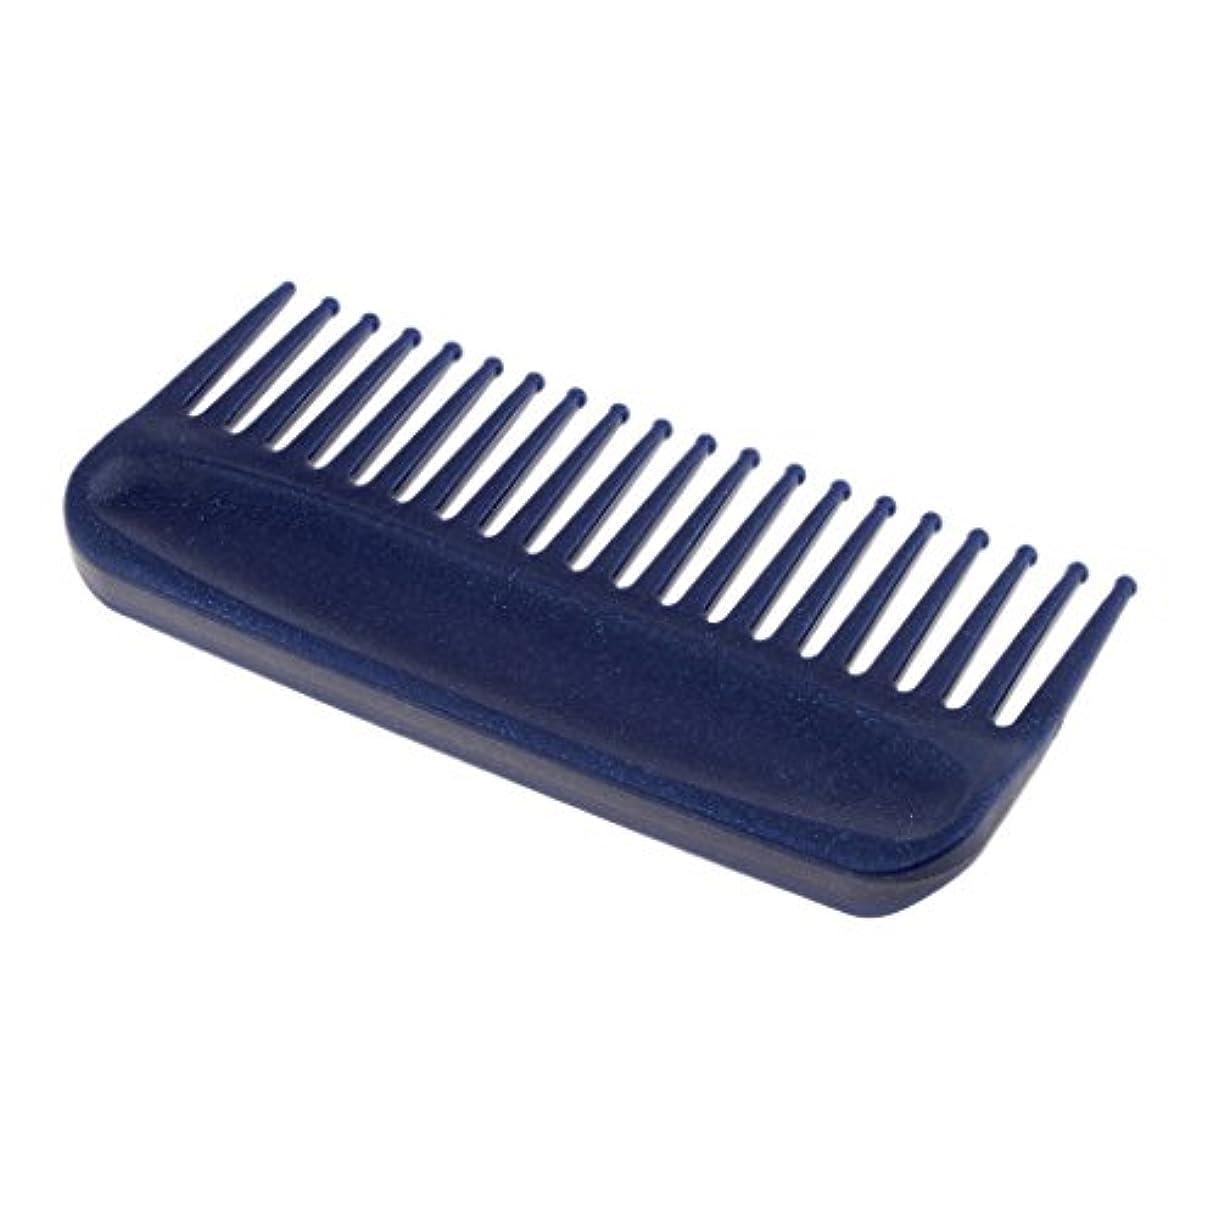 思慮深い記念日抑圧するInjoyo サロンヘアケアもつれを解く髪の櫛、ヘアブラシアンチスタティック広歯櫛ポケット6 - 青